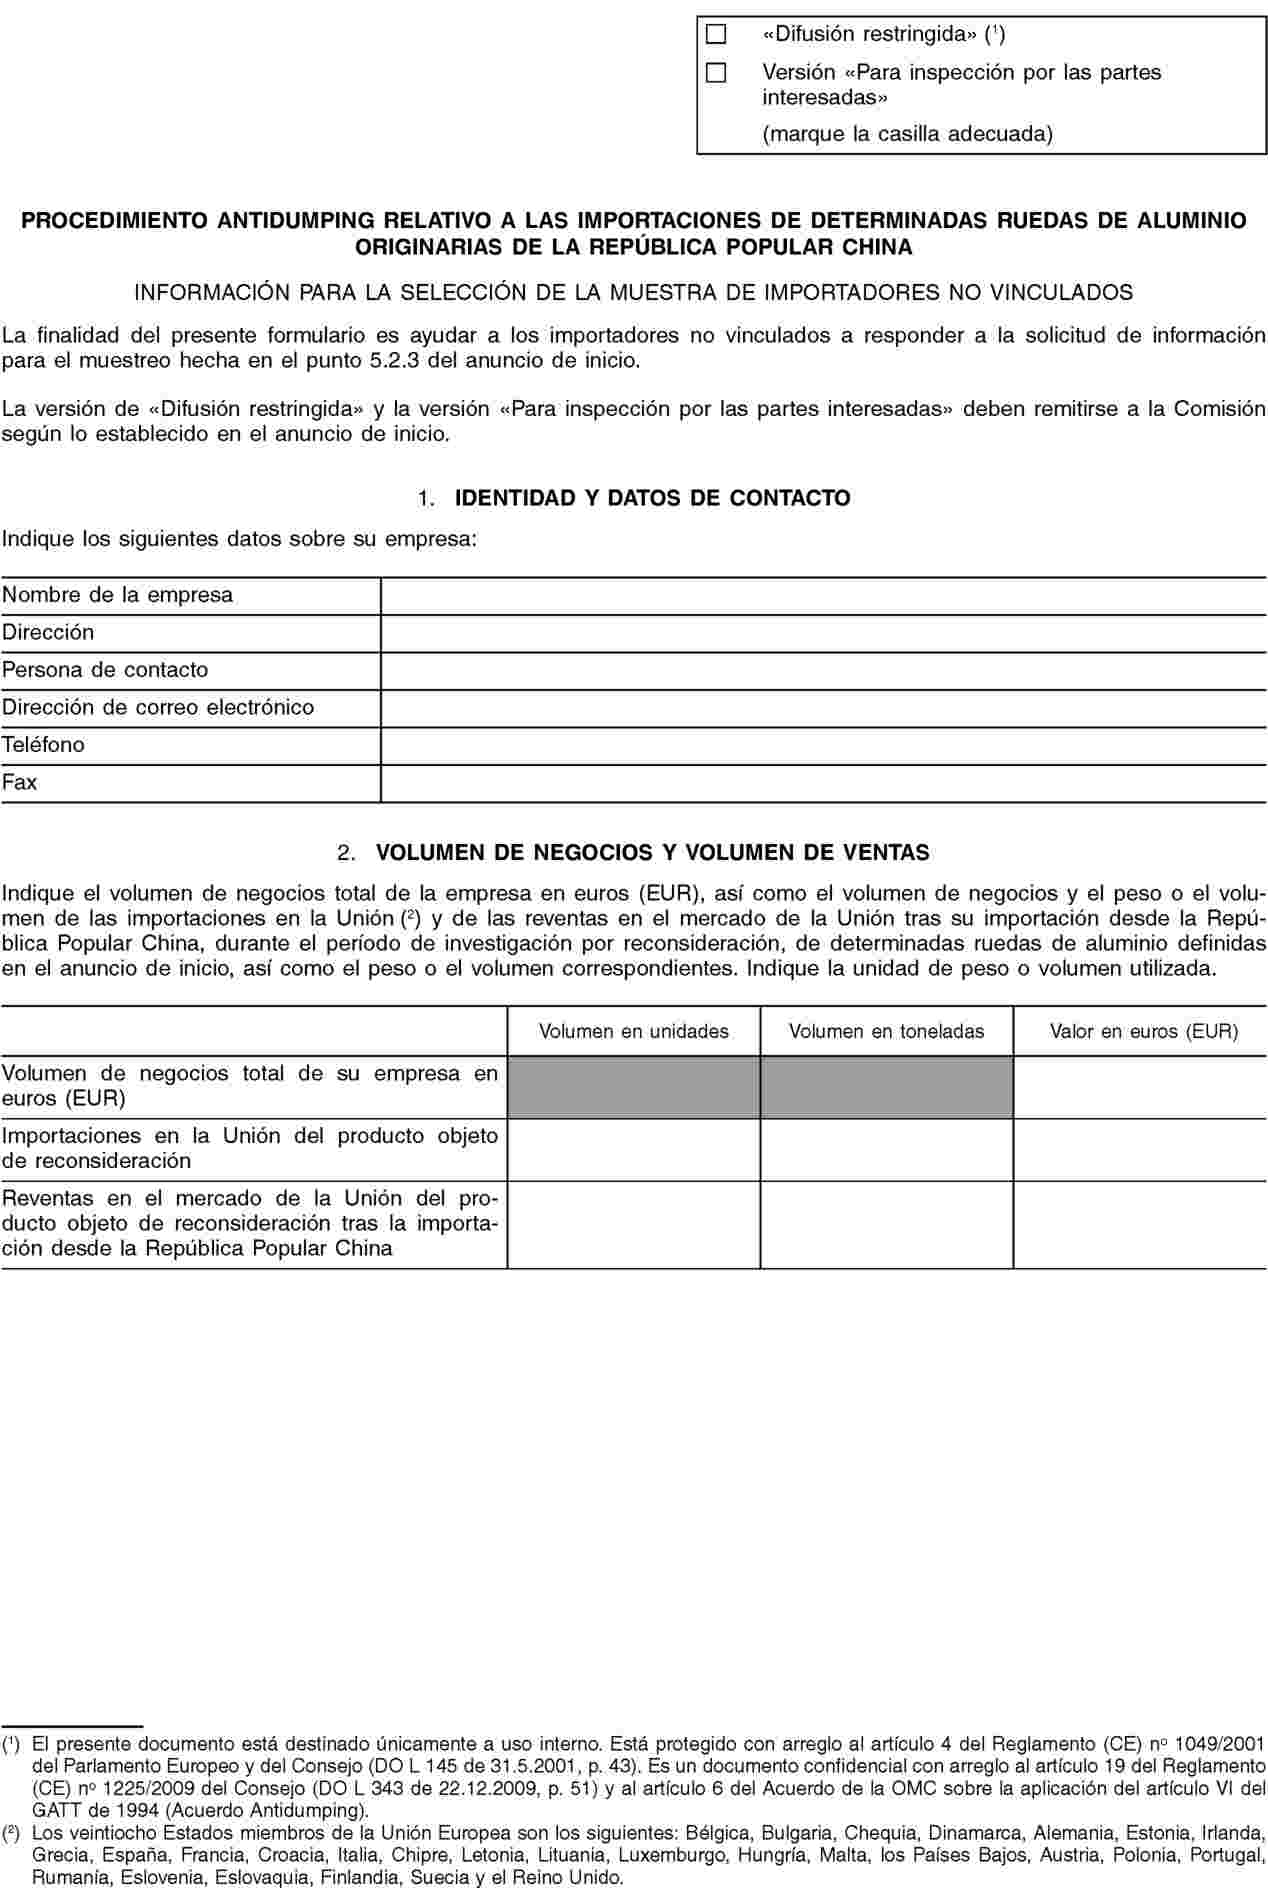 EUR-Lex - 52015XC1027(01) - EN - EUR-Lex